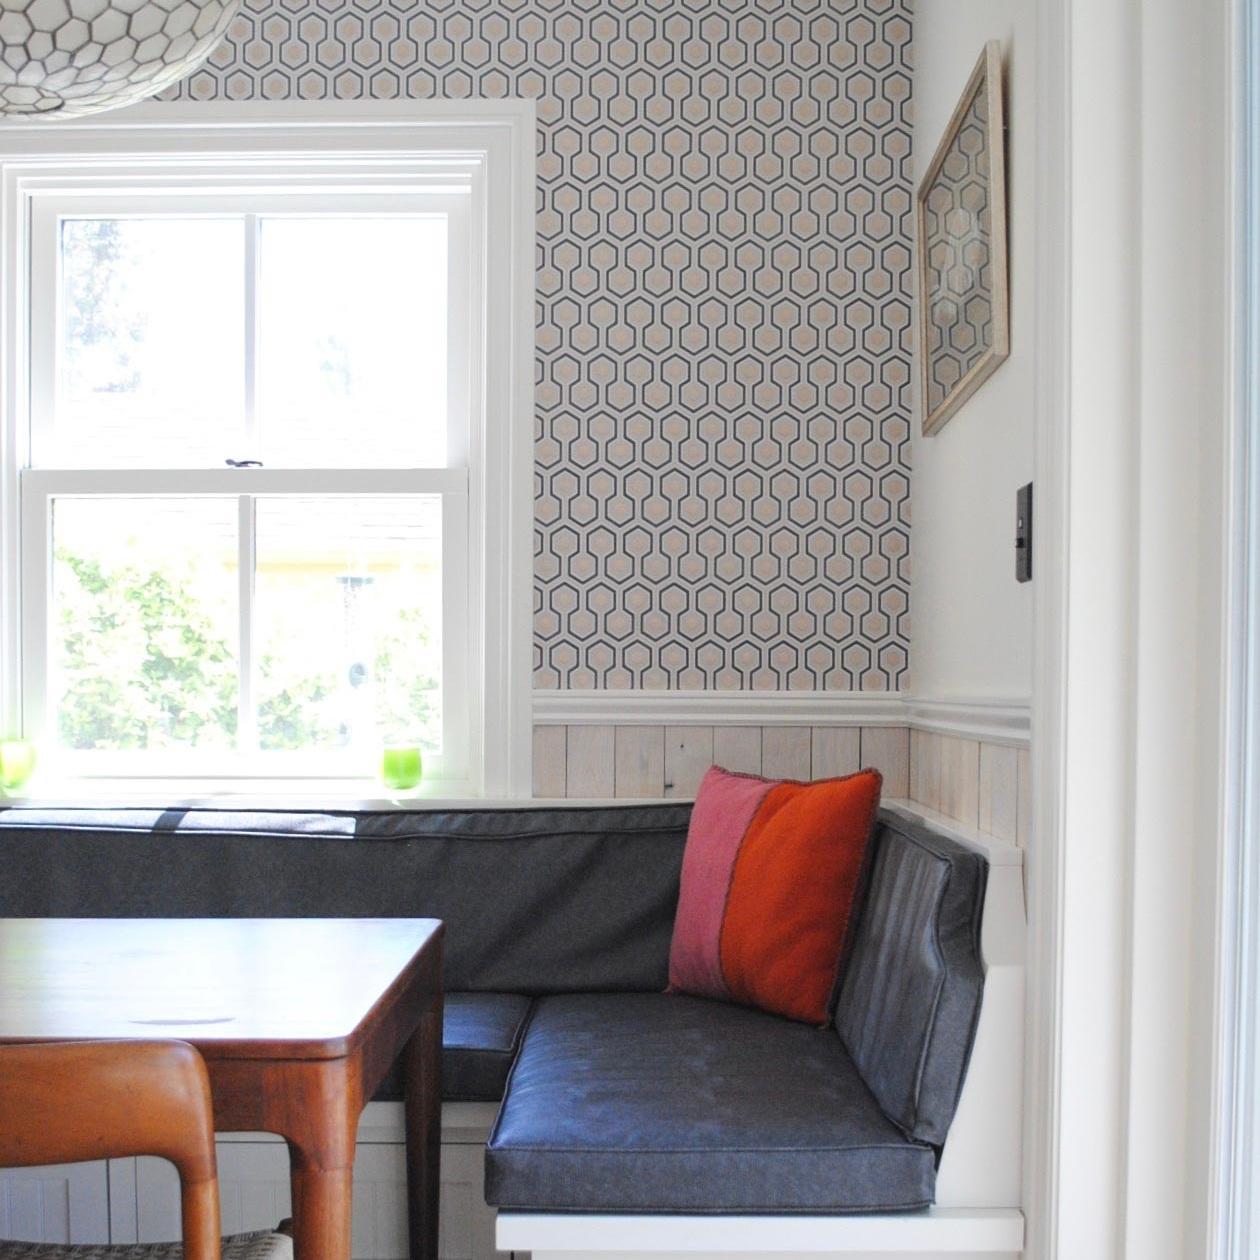 design - Smaller ProjectsInteriorsExteriorsCustom DesignsTaglines, Filters, and SystemsCharacter Through DetailsBlending Indoor & Outdoor Spaces